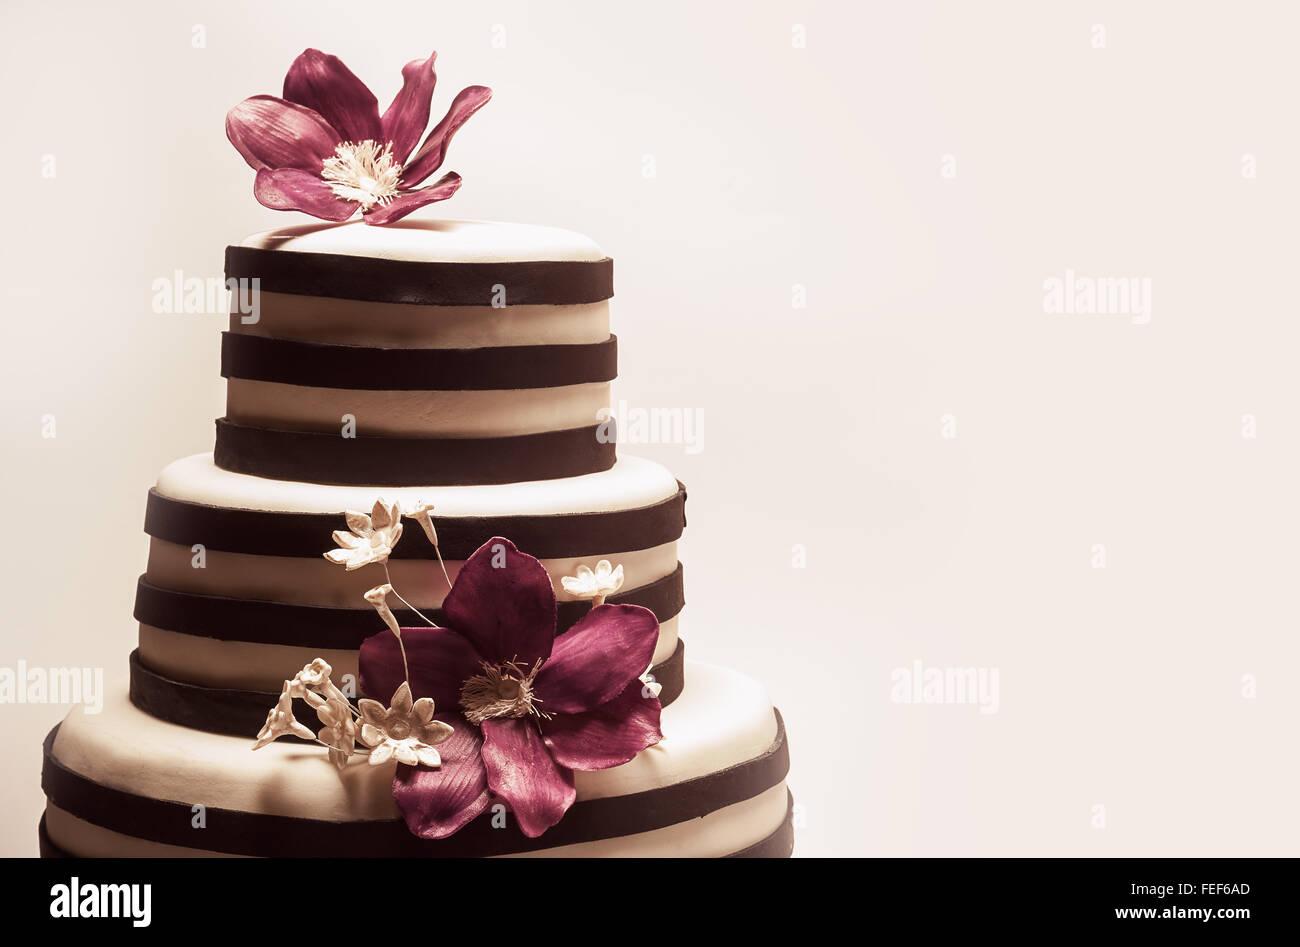 Détails d'un mariage ou d'un gâteau d'anniversaire, triple taille, en studio sur fond blanc. Photo Stock